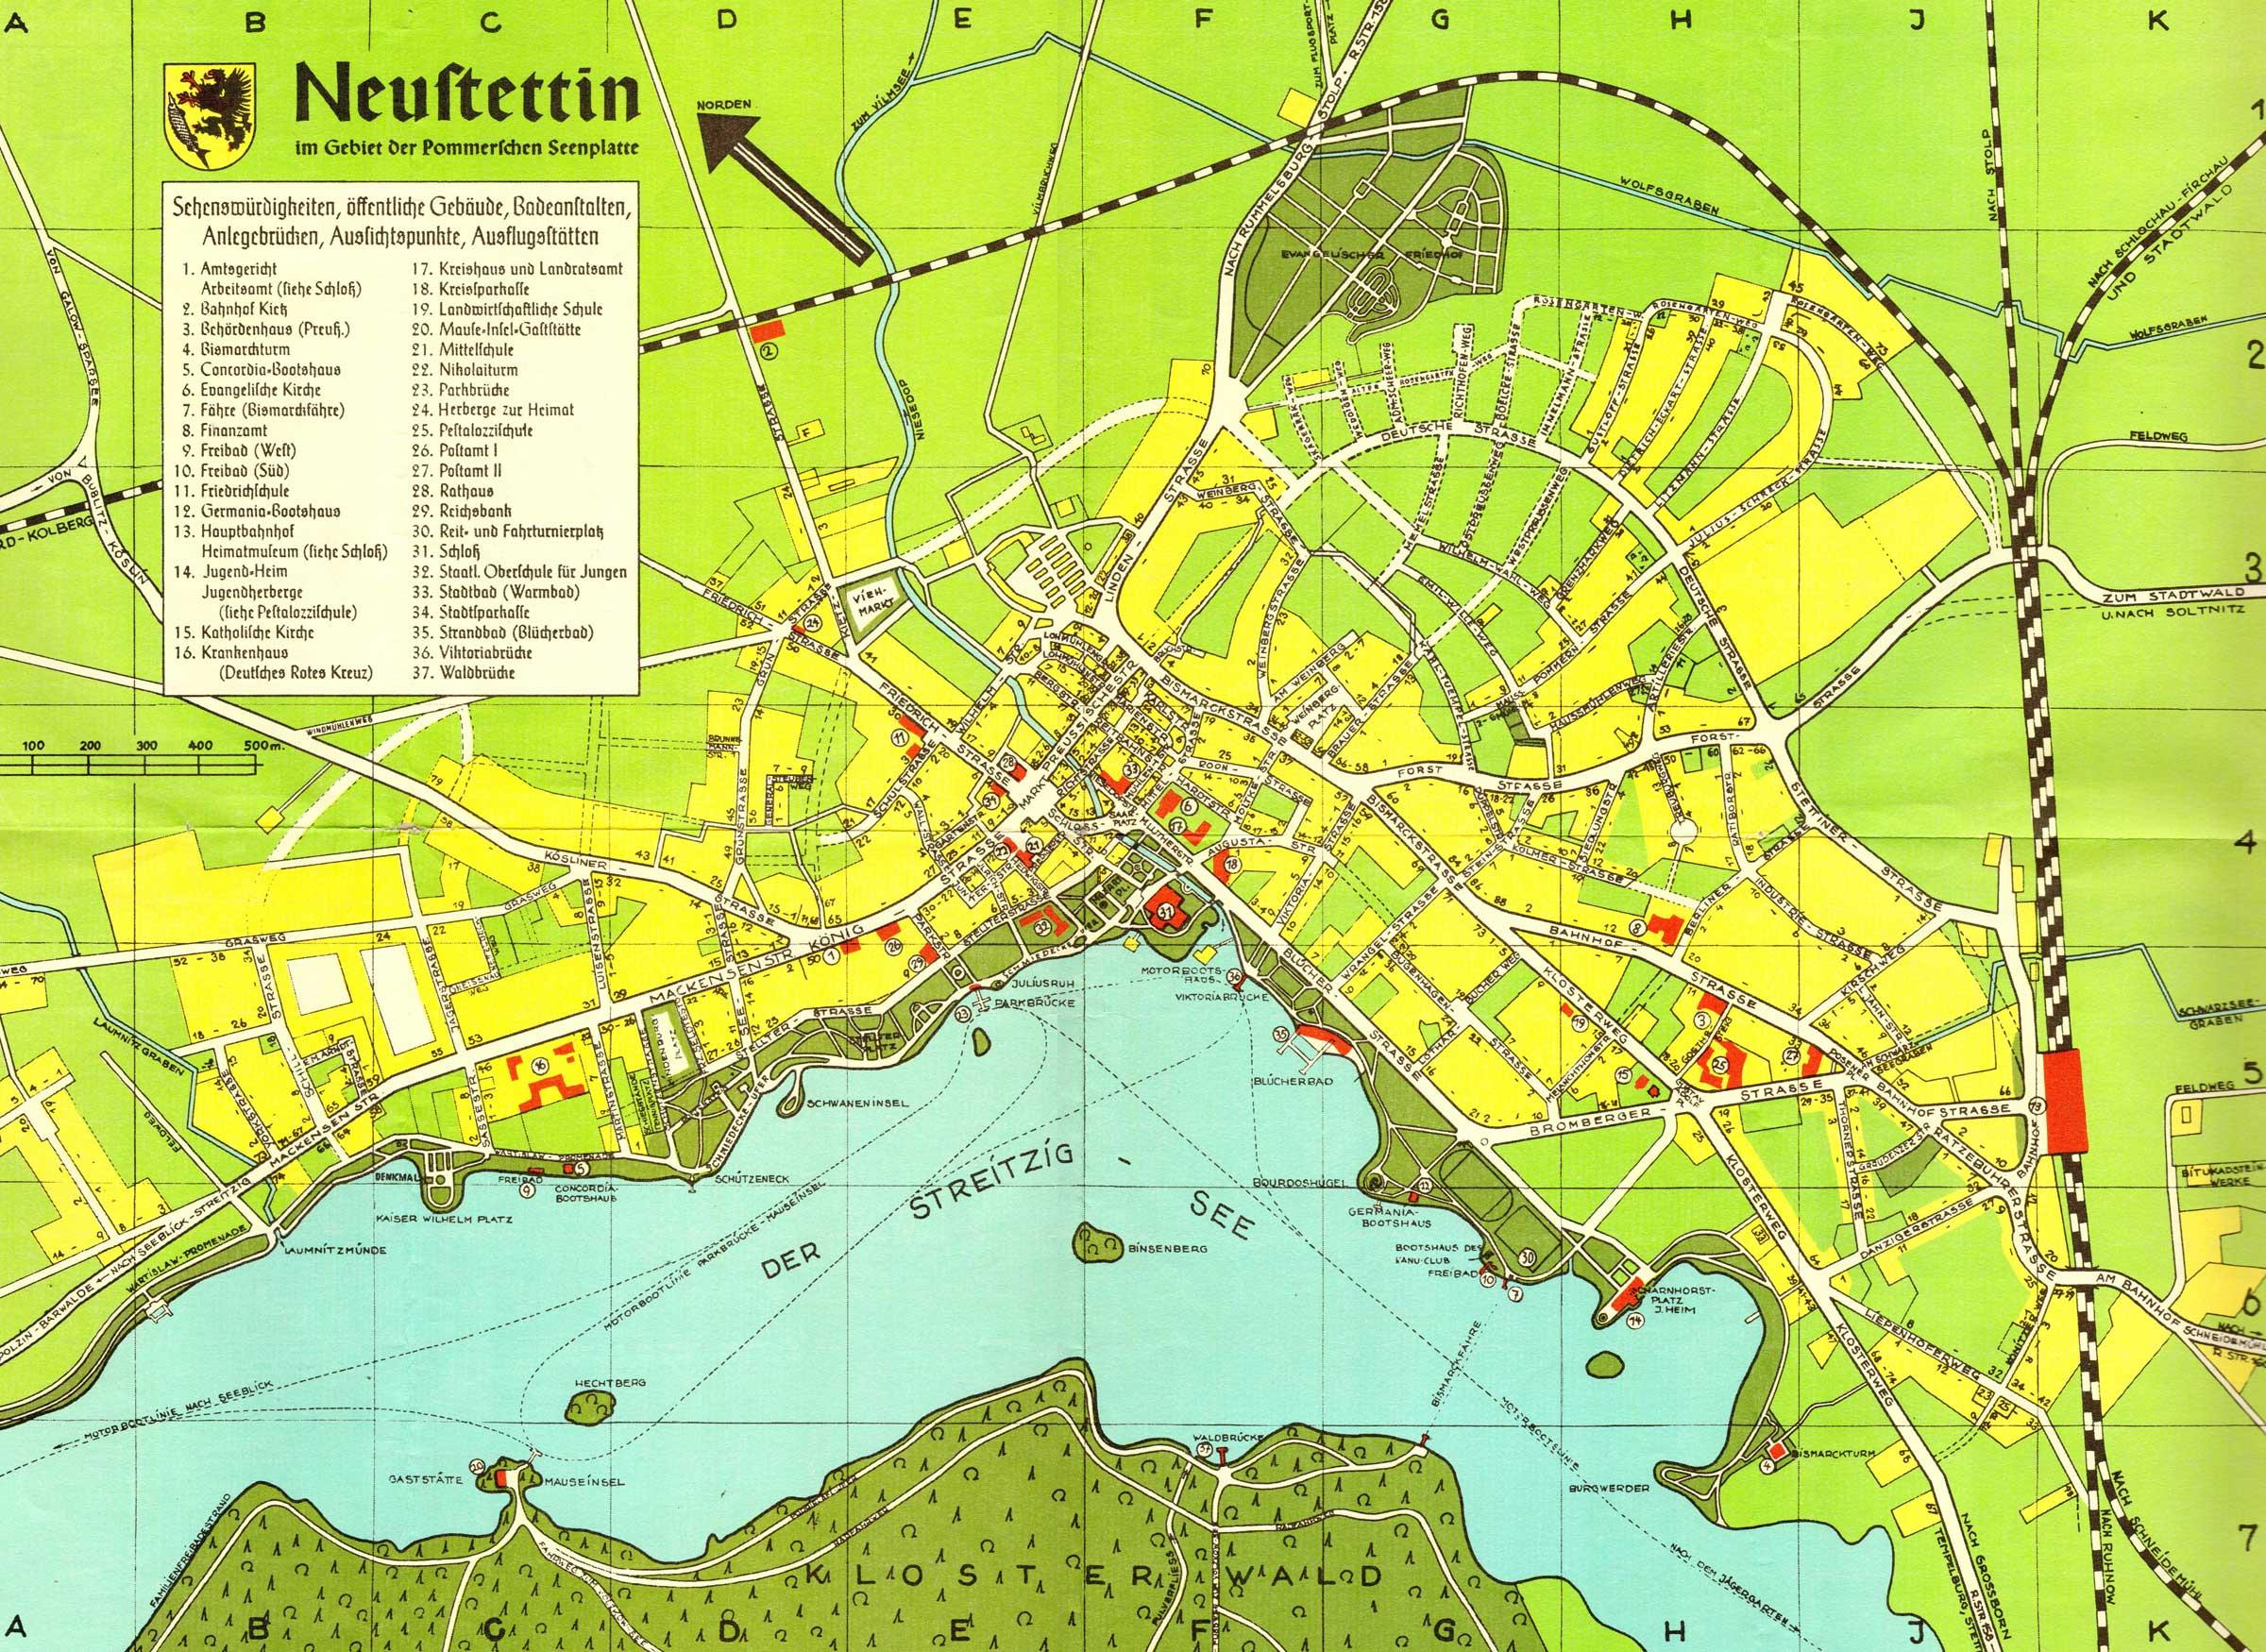 Stadtplan Neustettin